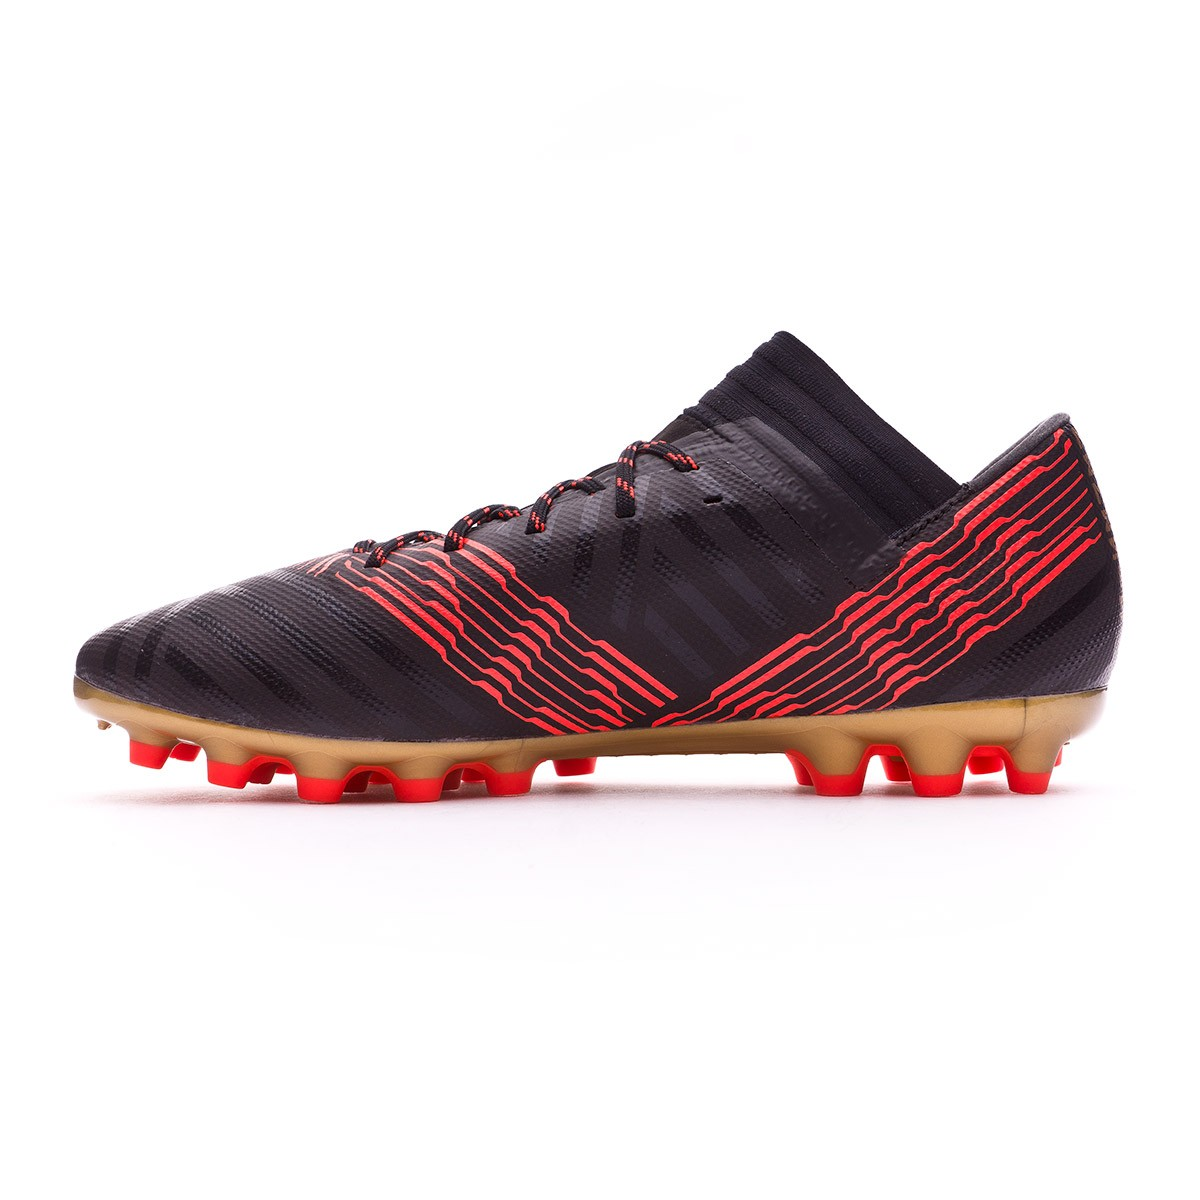 Football Boots adidas Nemeziz 17.3 AG